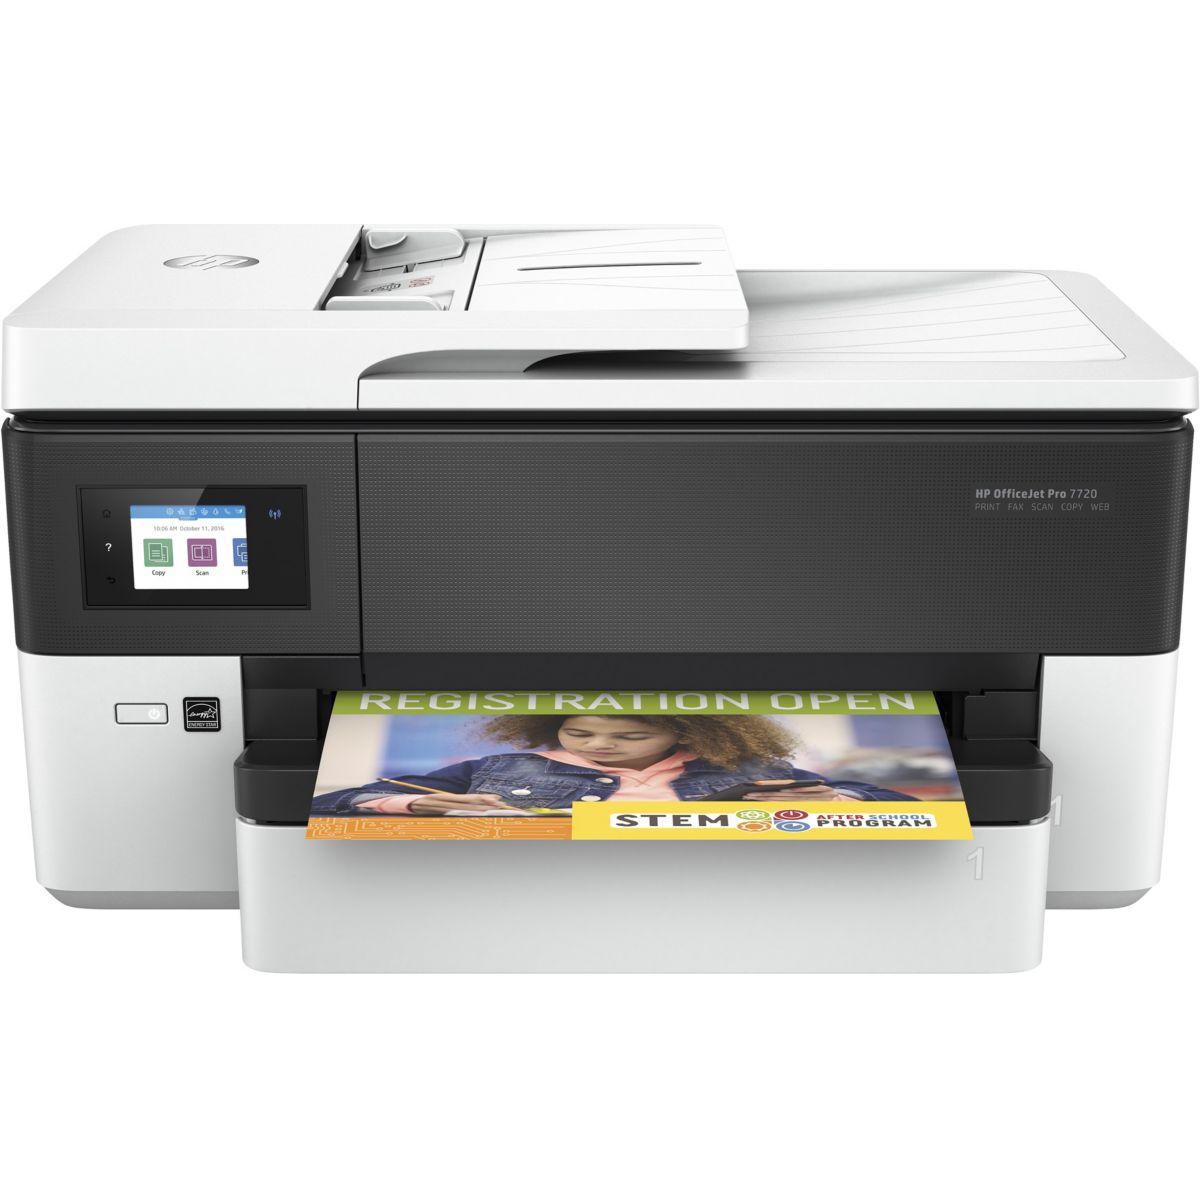 Imprimante jet d'encre HP Office Jet Pro 7720